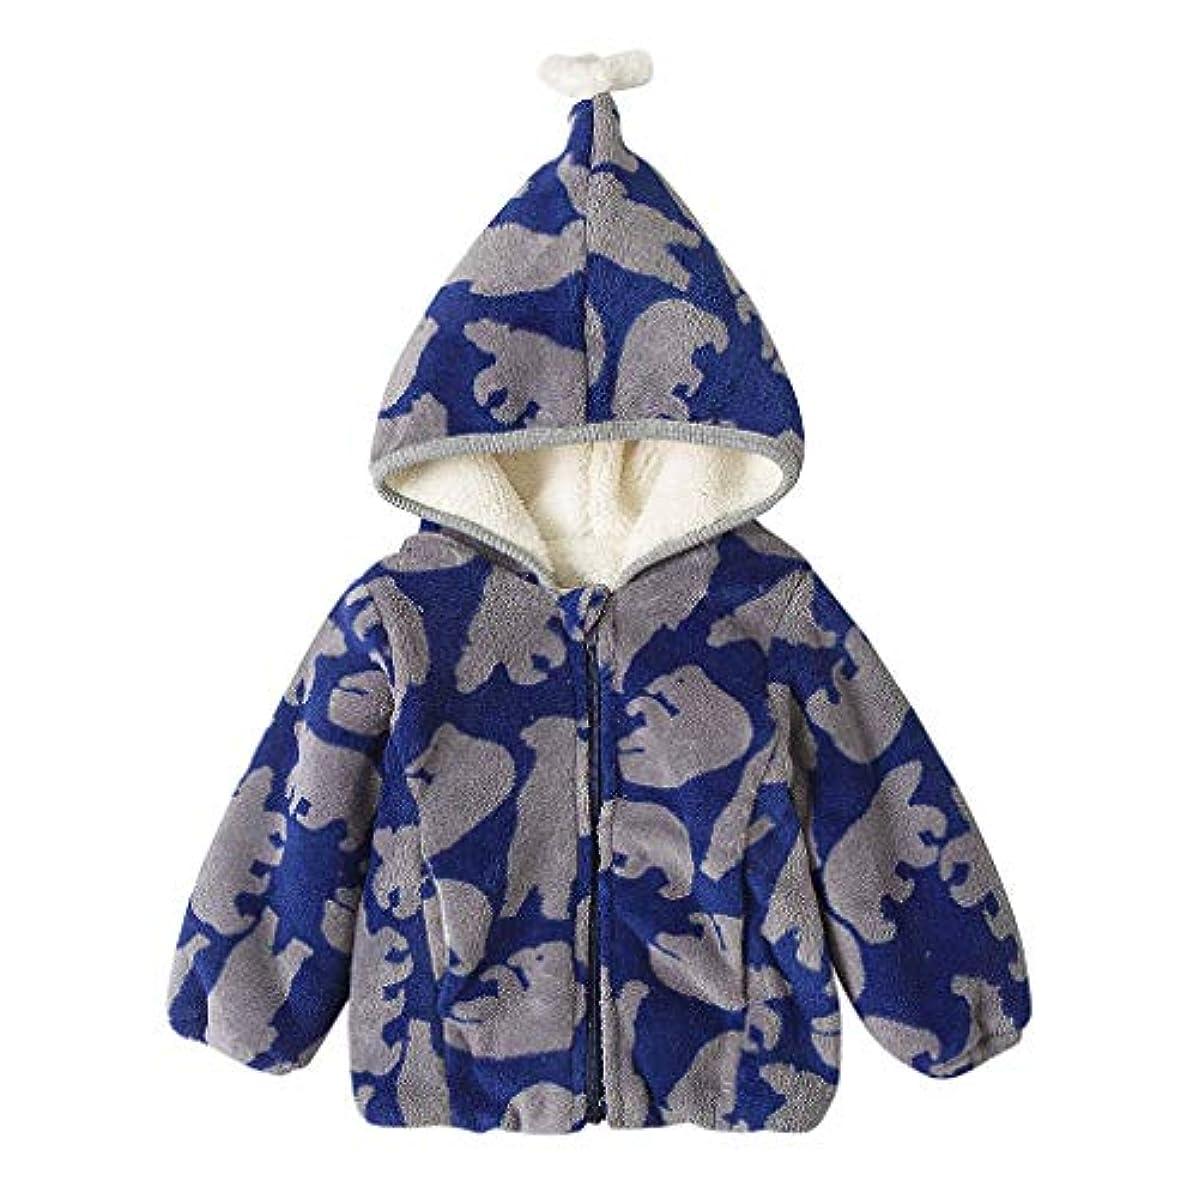 ゆるいプラスケイ素かわいい柄あたたかい男の子女の子赤ちゃん冬コートジャケット子供ジップ厚いスノースーツパーカーオーバーコート屋外かわいいルースソフト快適なブラウストップス